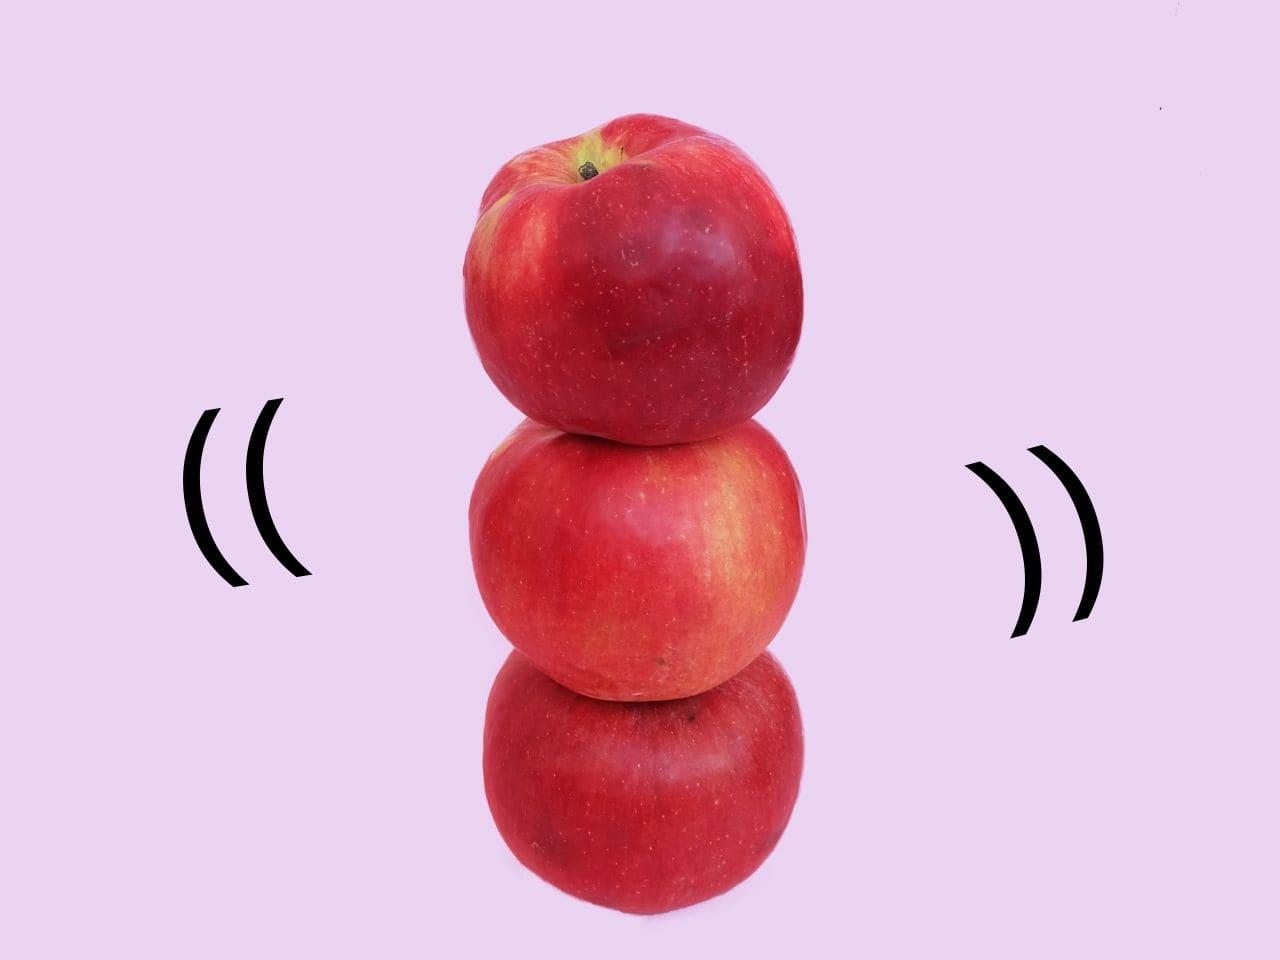 バランスを保つ積み重なった3つのリンゴ